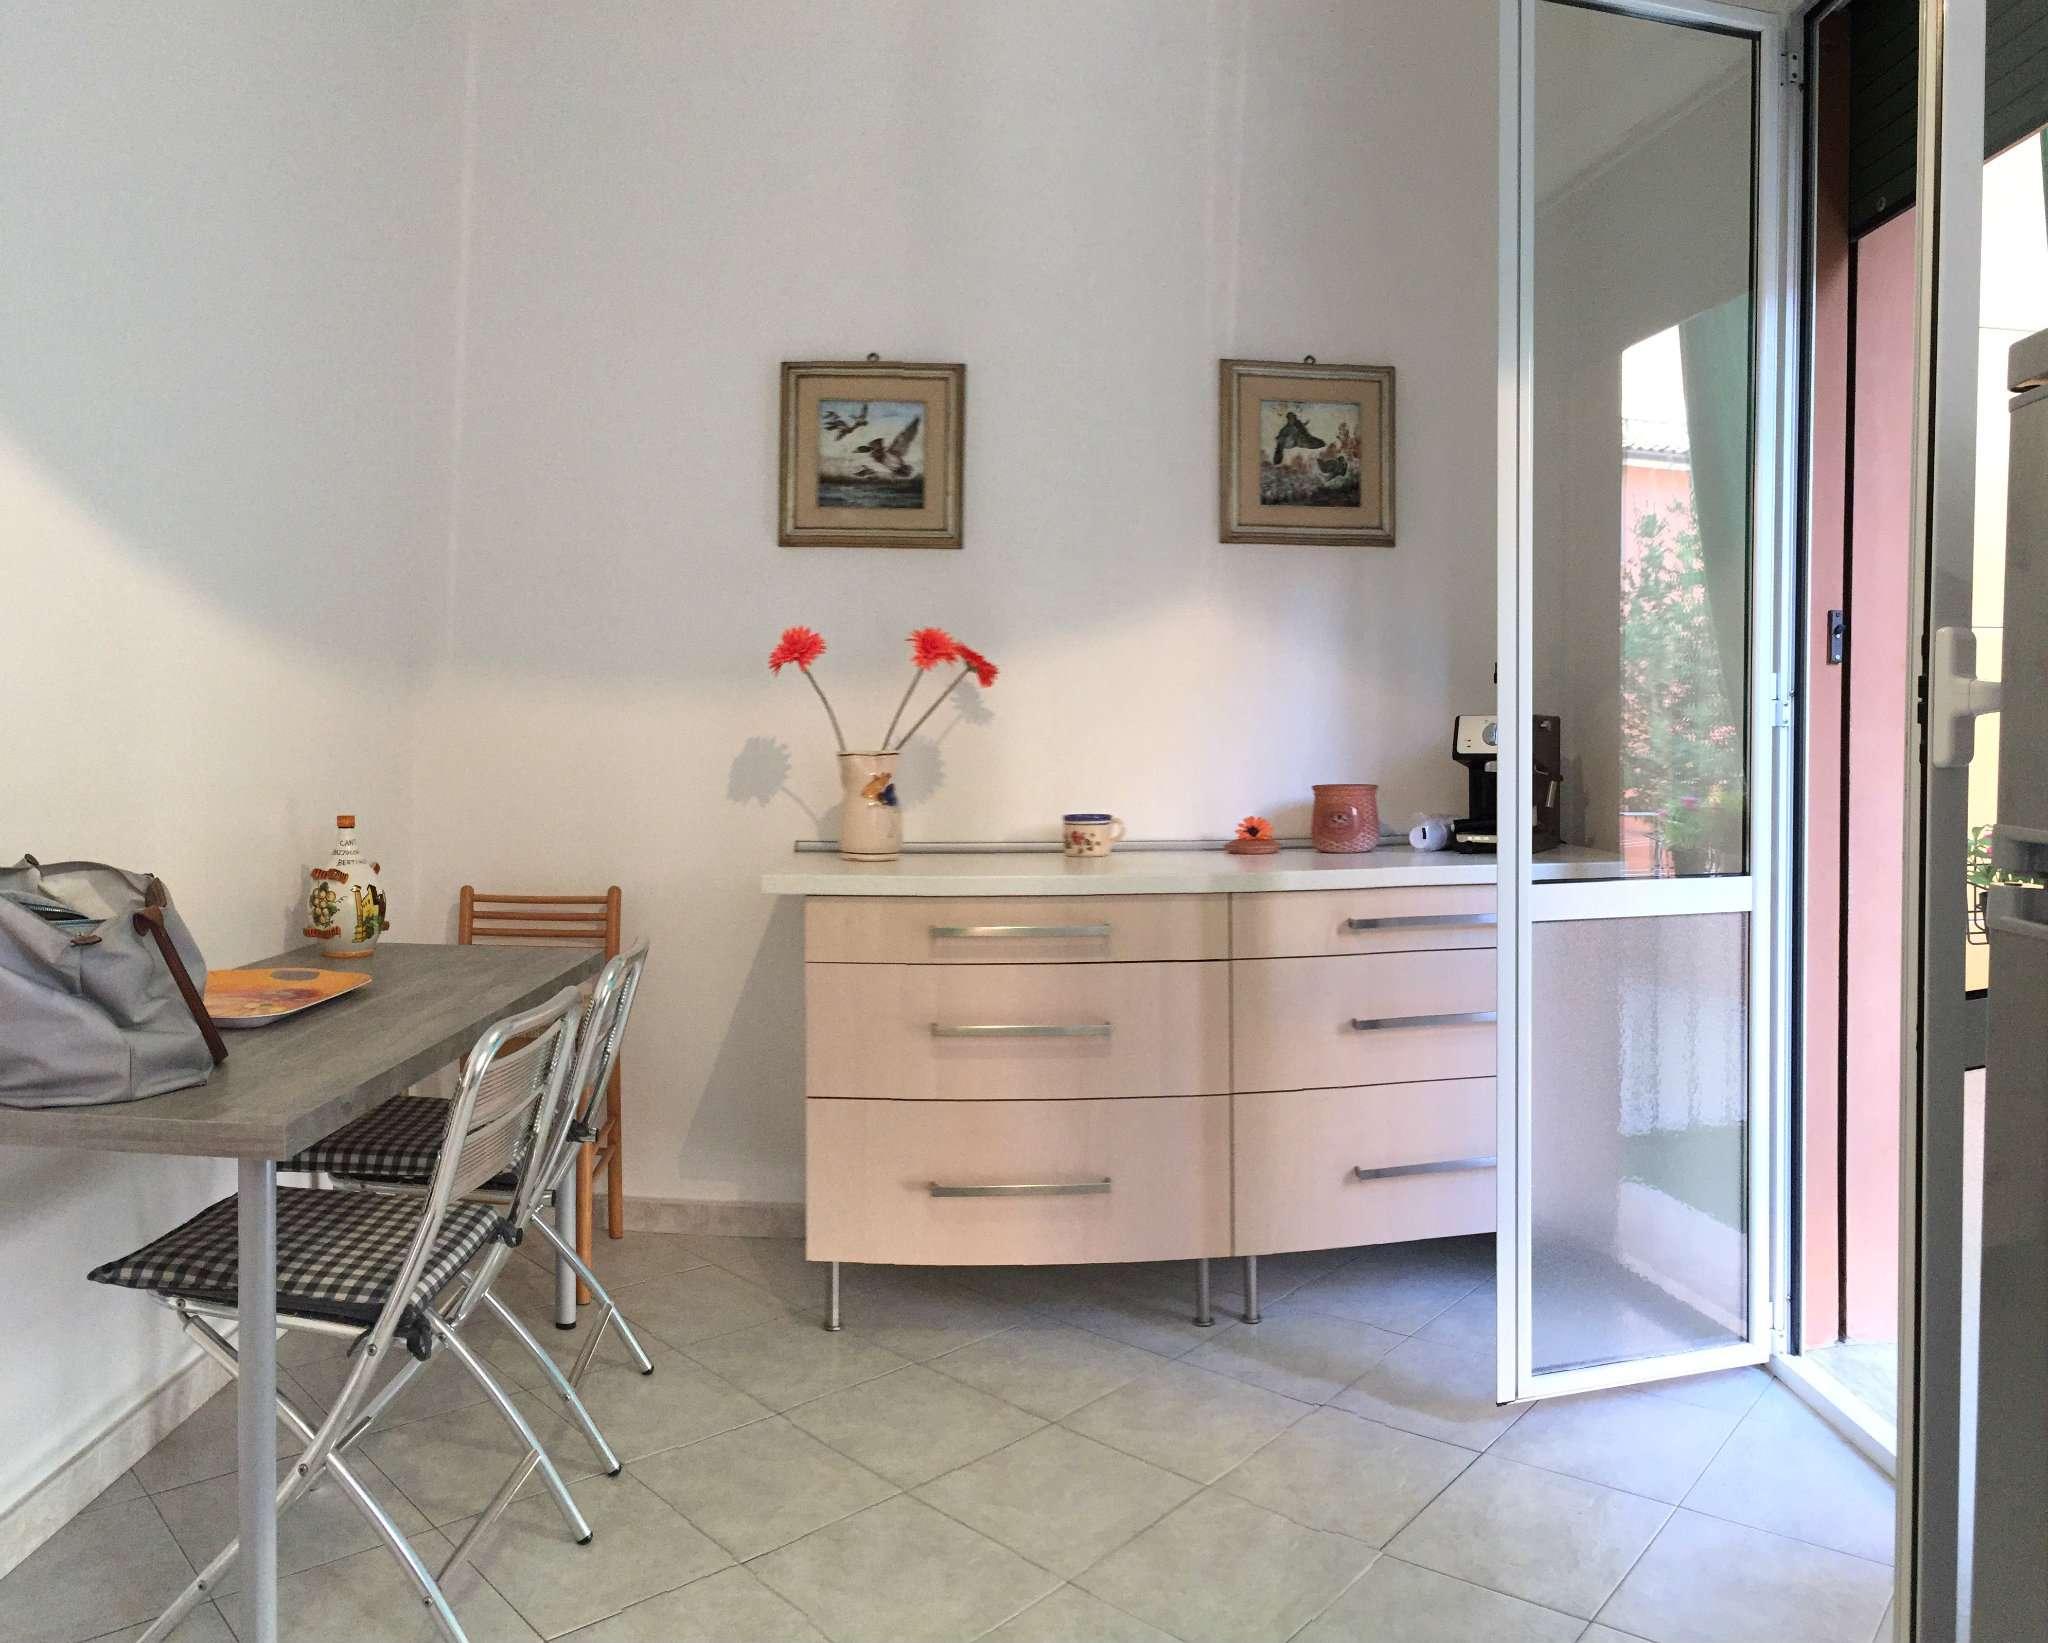 Appartamento in vendita a Bologna, 9999 locali, zona Zona: 19 . Bolognina, Arcoveggio, Vavile, prezzo € 185.000 | CambioCasa.it